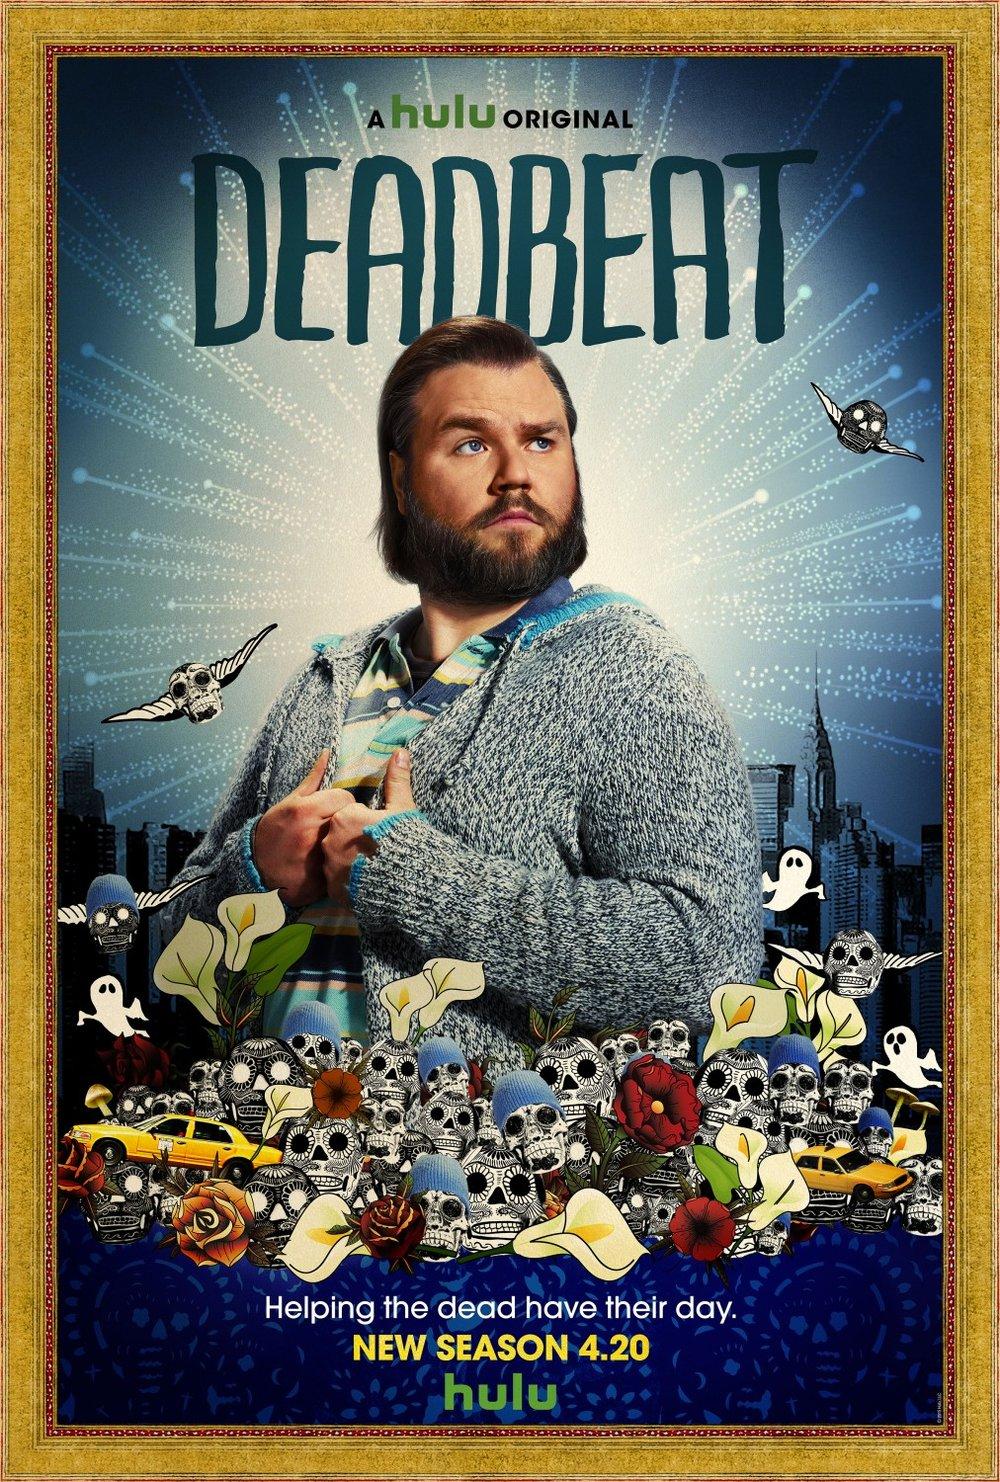 Deadbeat S2 - Hulu